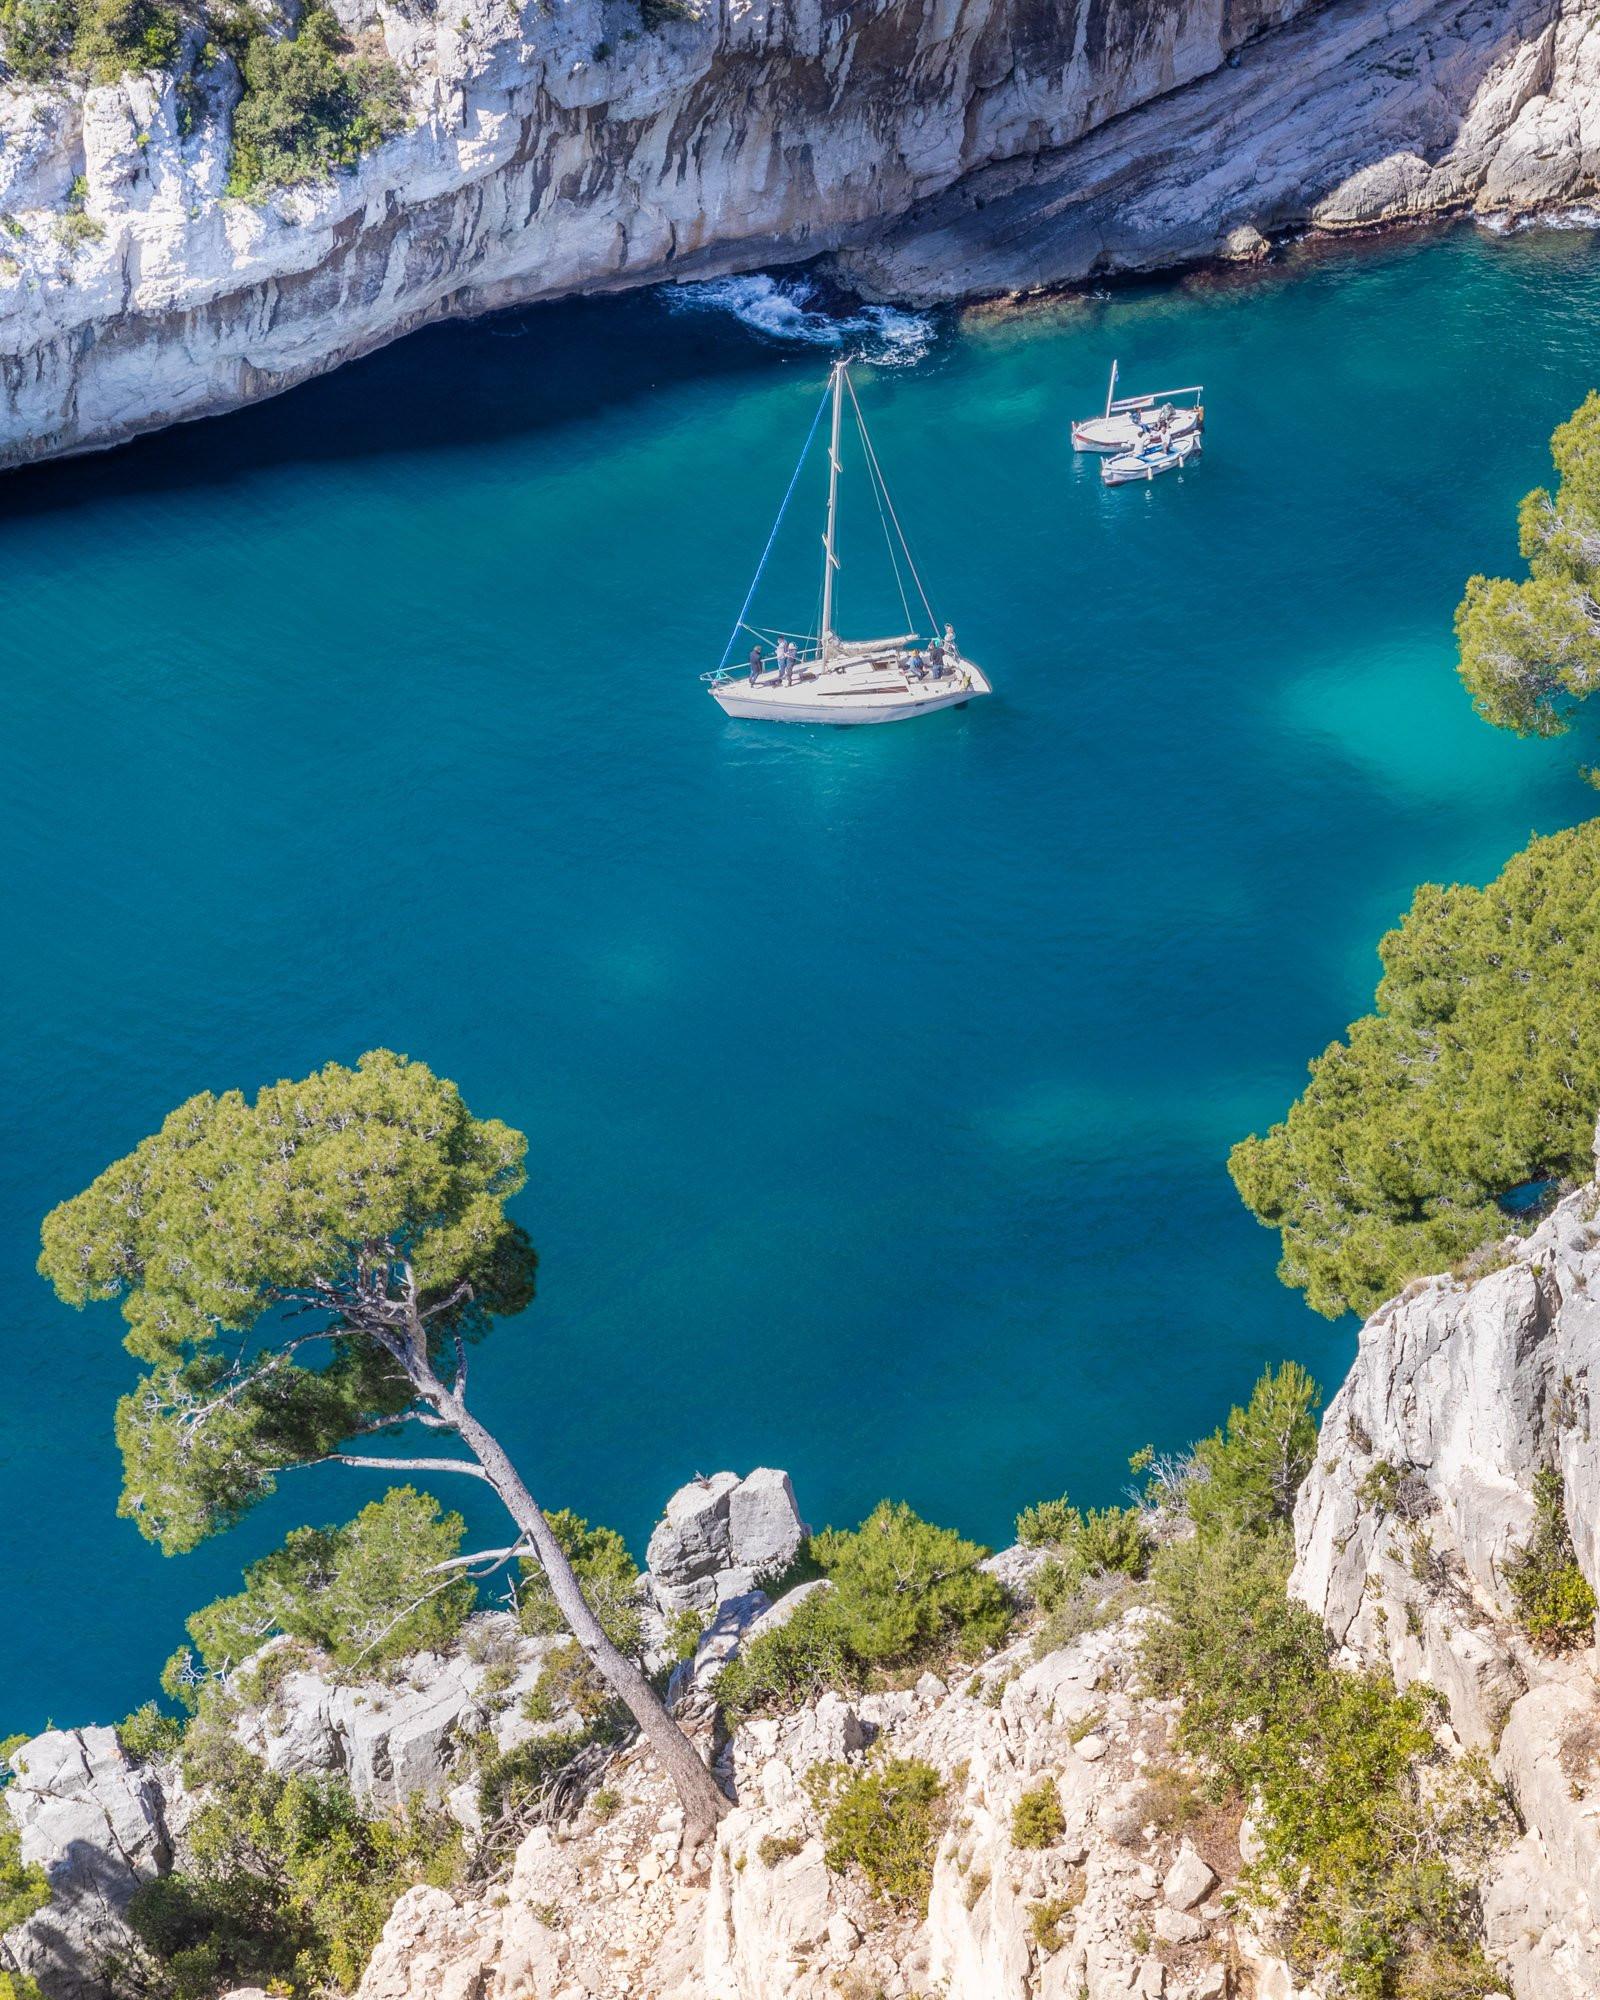 En-Vau Calanque boats, Azure coast France